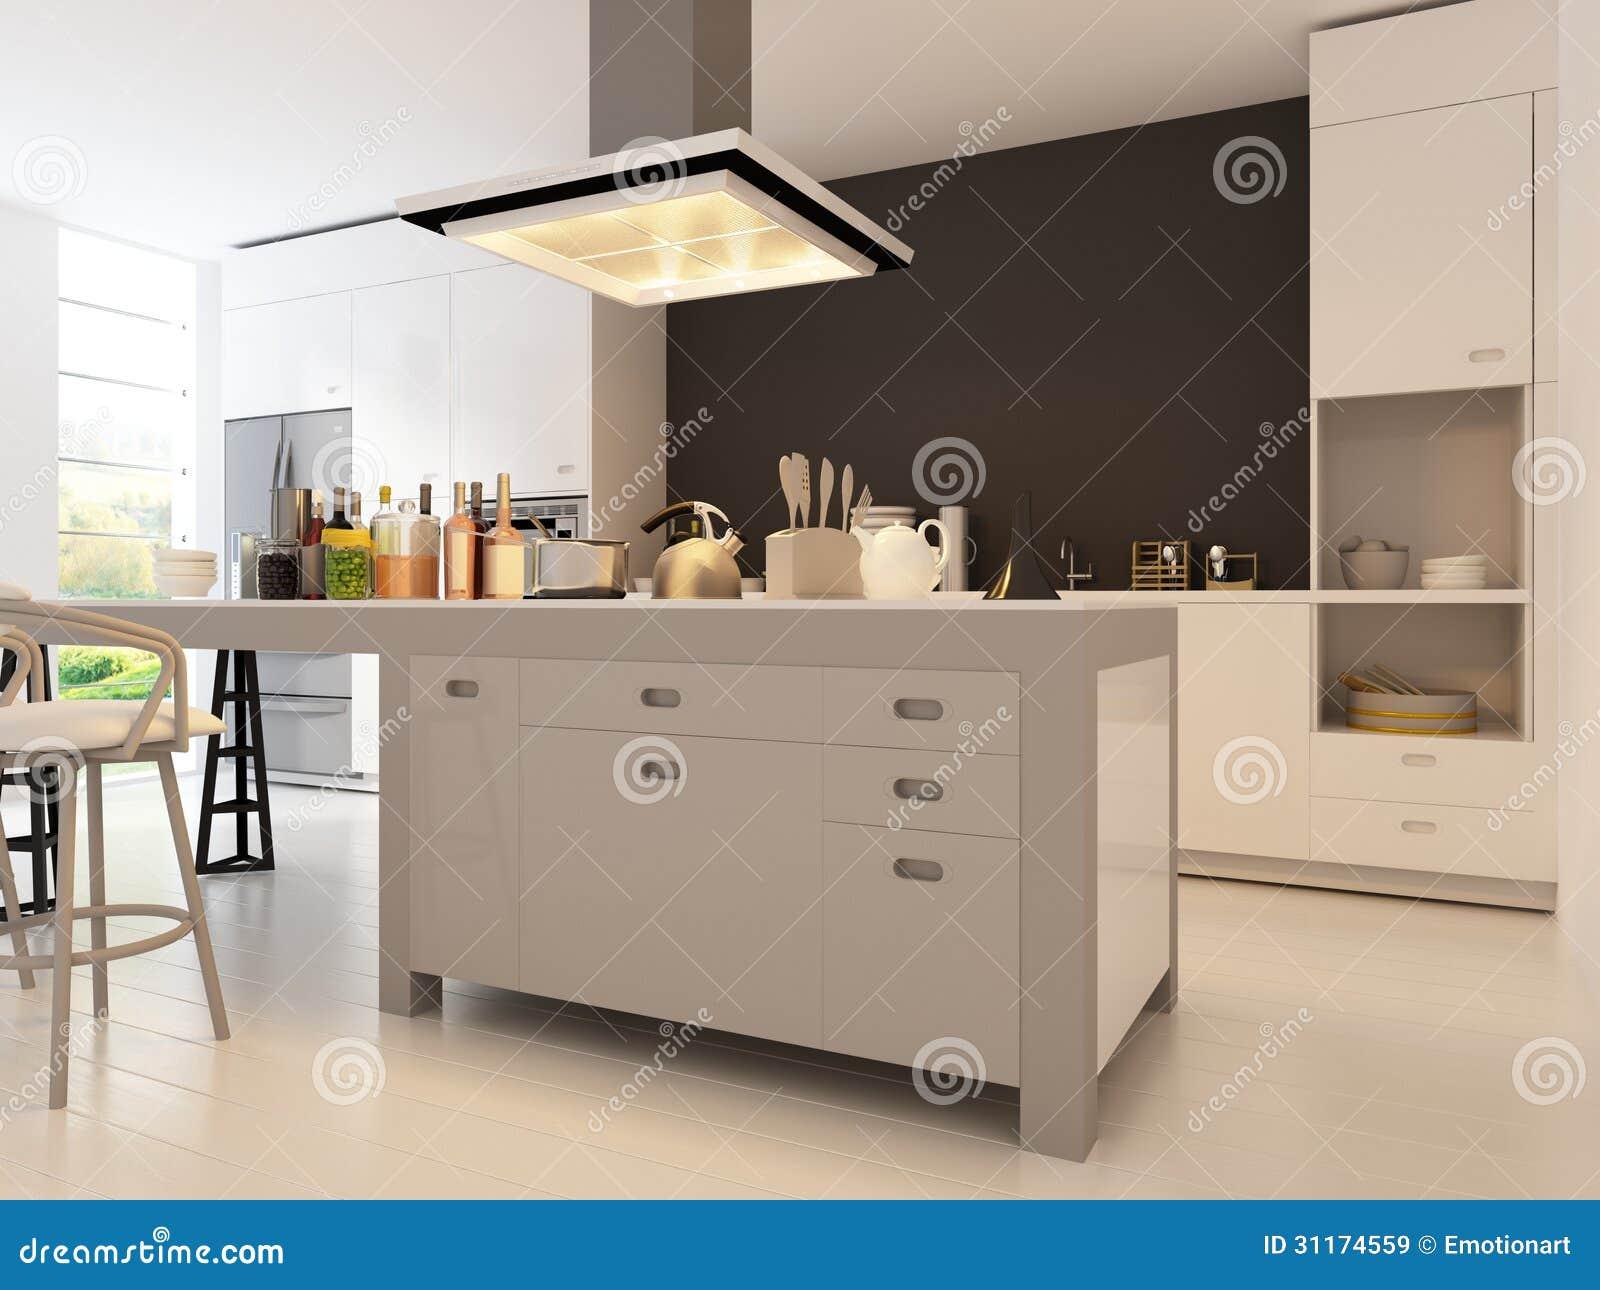 Cozinha Do Projeto Moderno Arquitetura Interior Imagens de Stock  #81A229 1300 1065